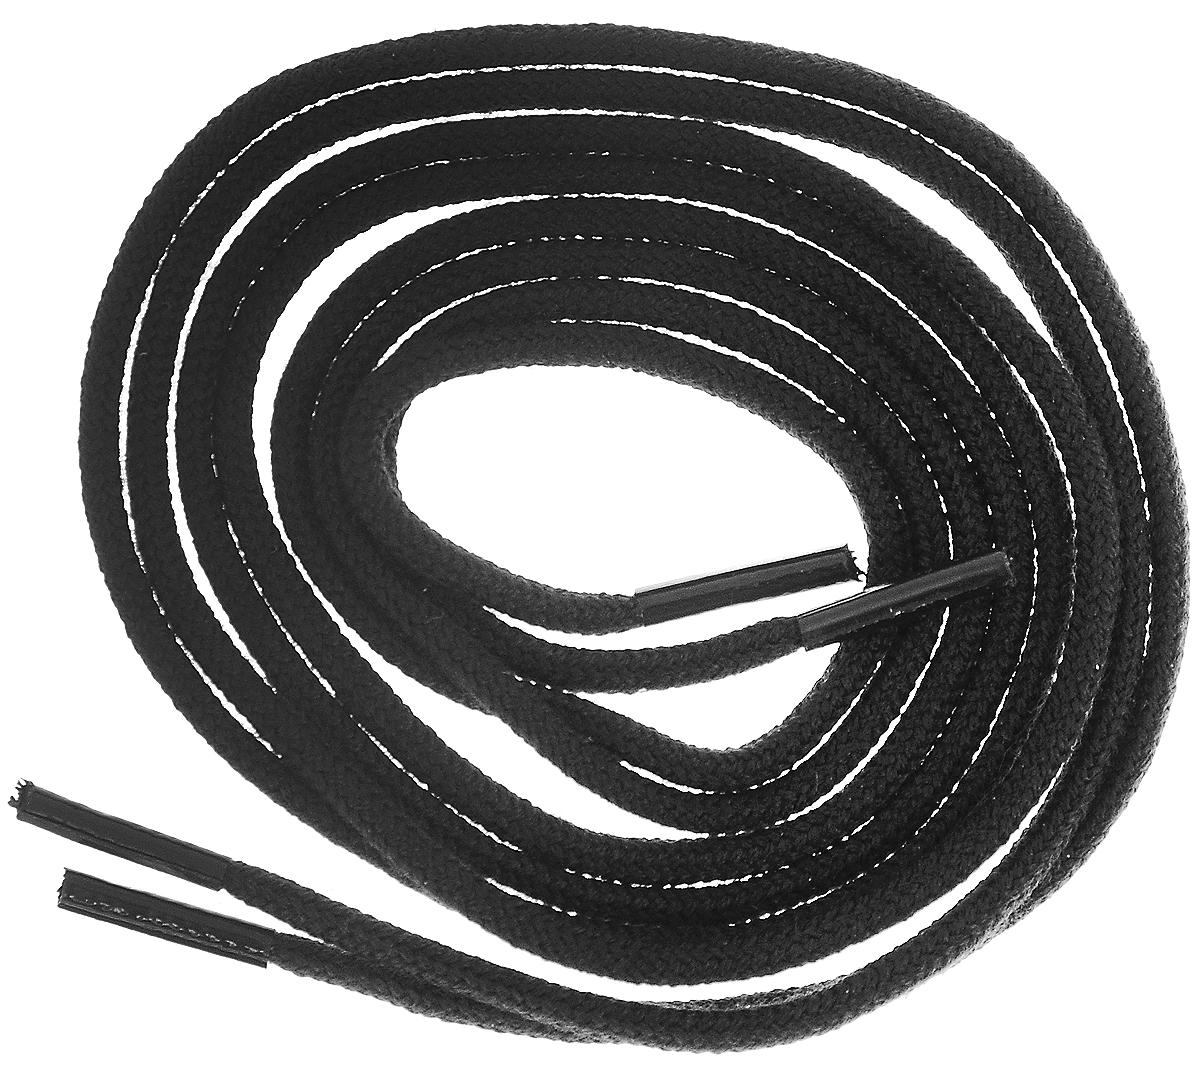 Шнурки тонкие Collonil Rund, цвет: черный, длина 60 см шнурки для обуви радуга active усиленные круглые с наполнителем цвет белый 110 см